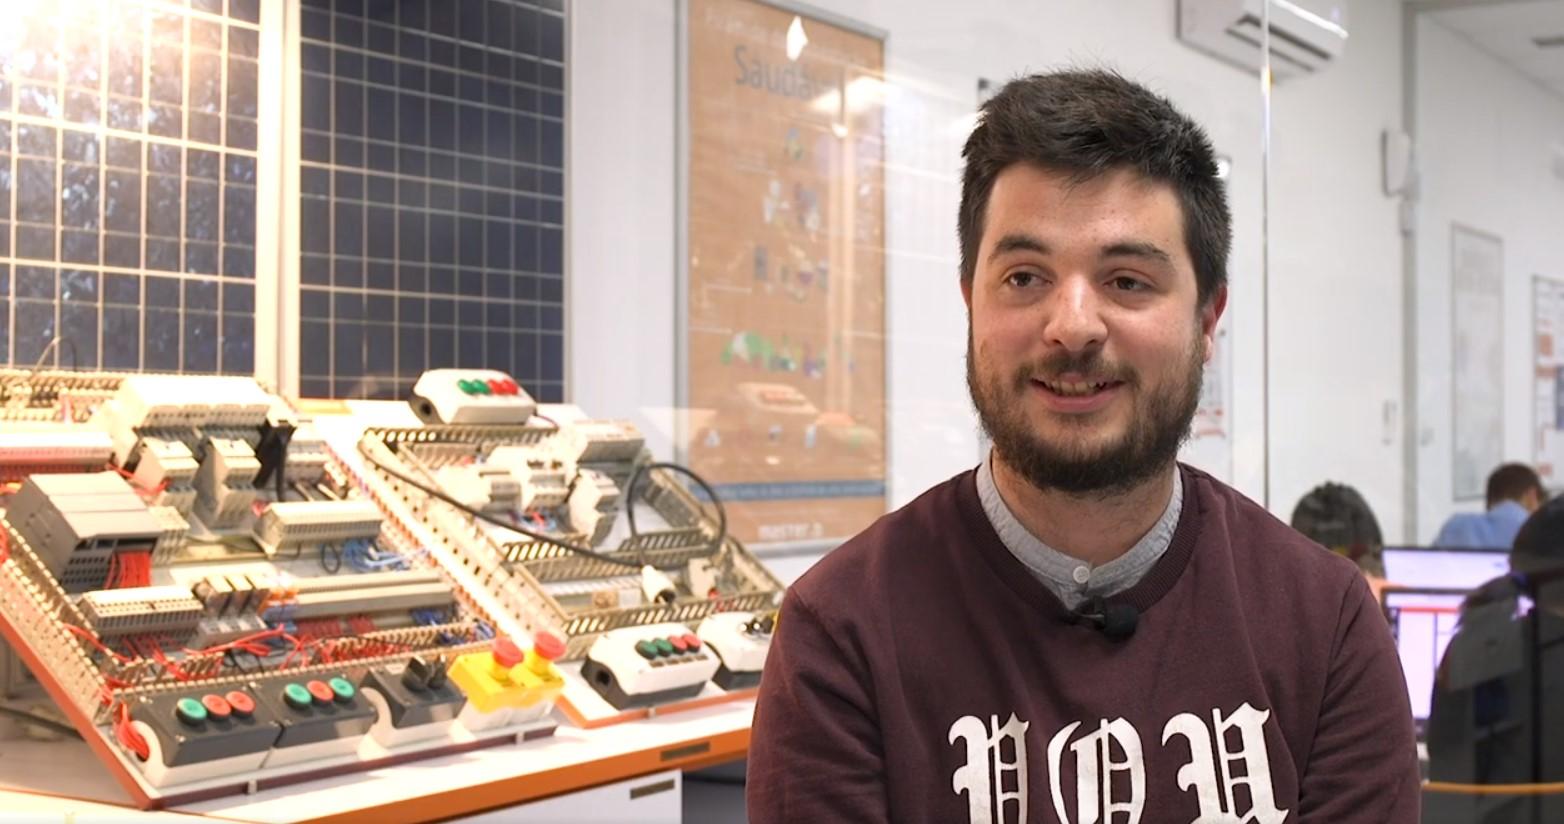 Marcos Soares, Curso de Programação de Automação Industrial